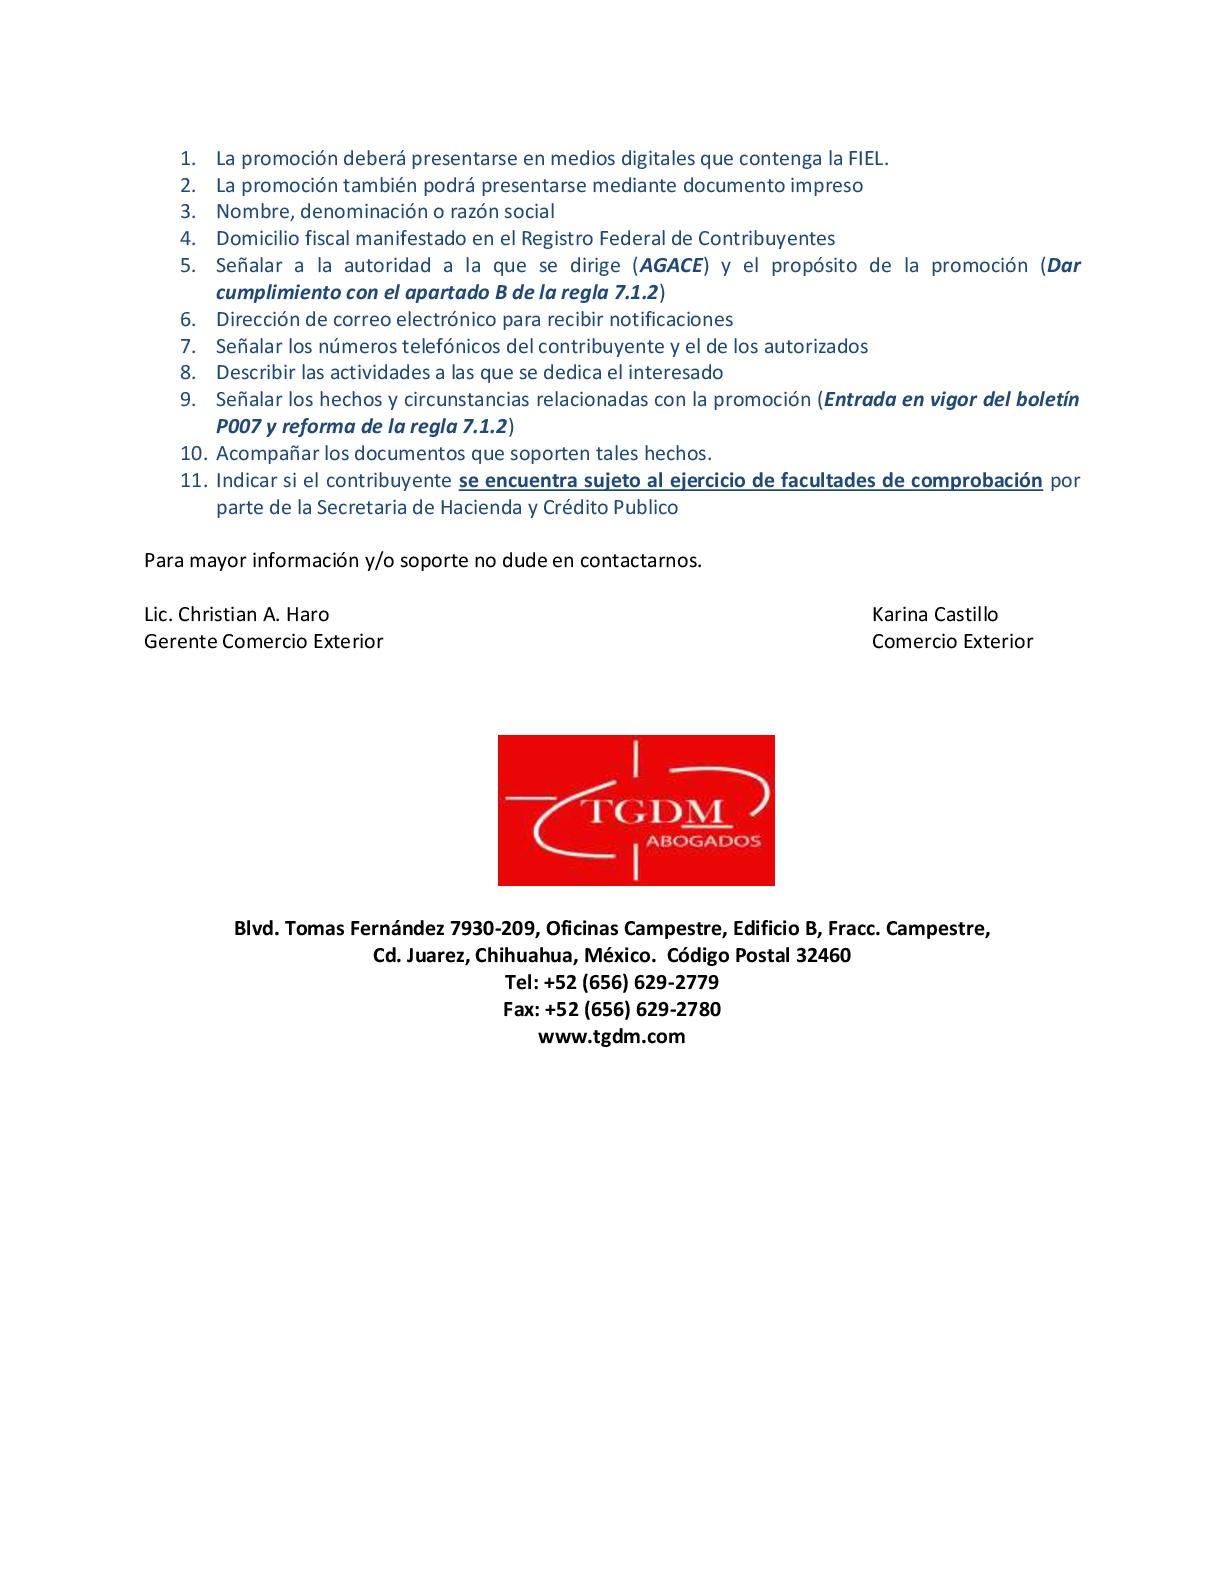 Boletin-Comercio-Exterior---Christian-Haro-003